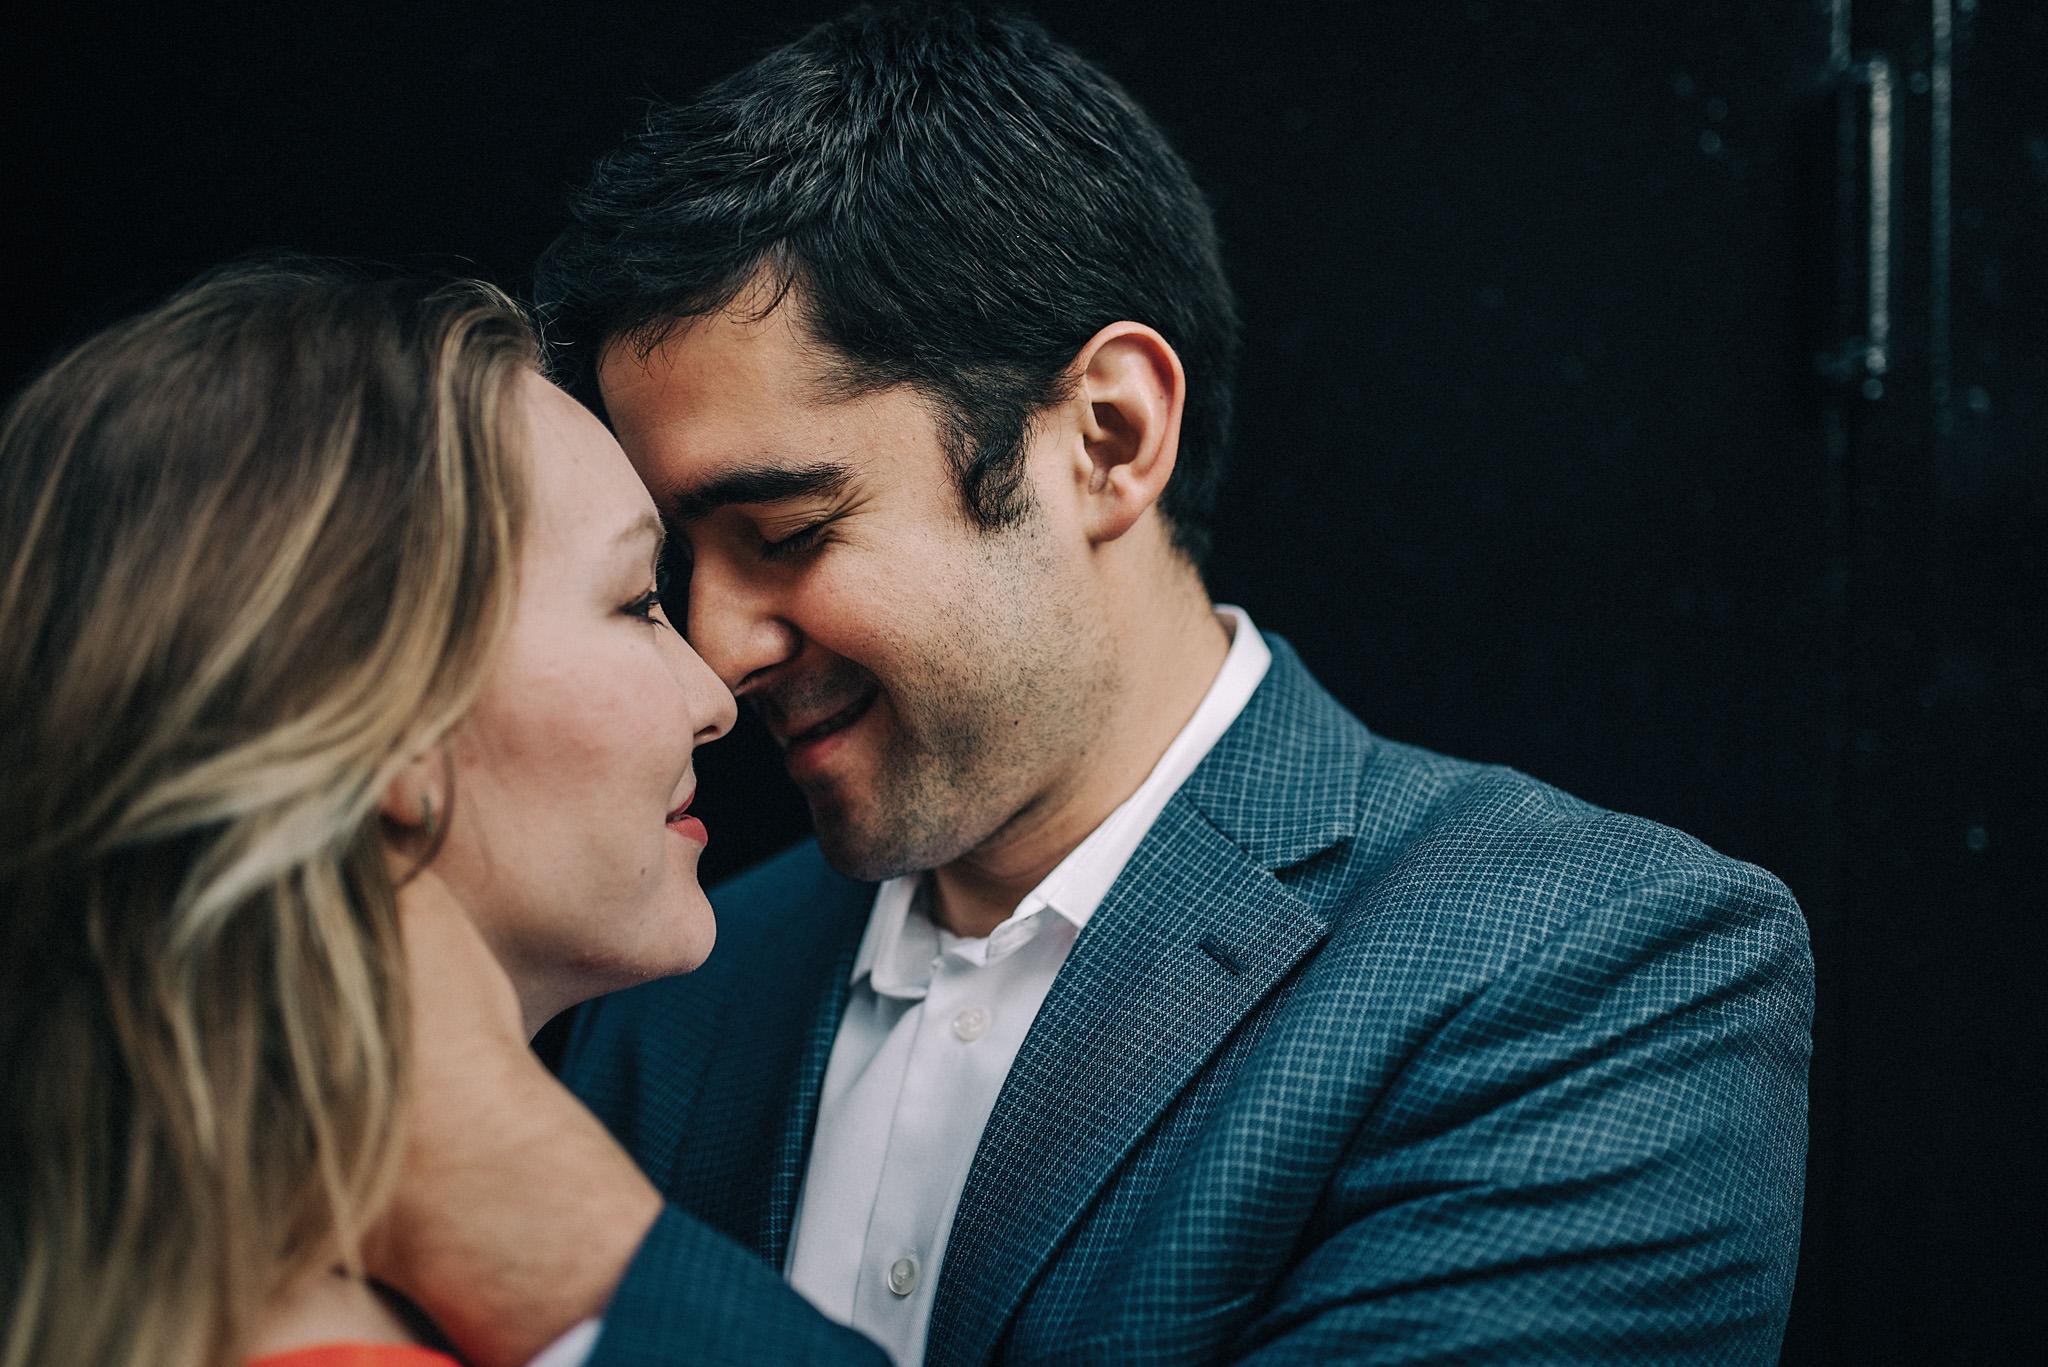 New-York-Wedding-Photographer-Felipe-Carranza-13